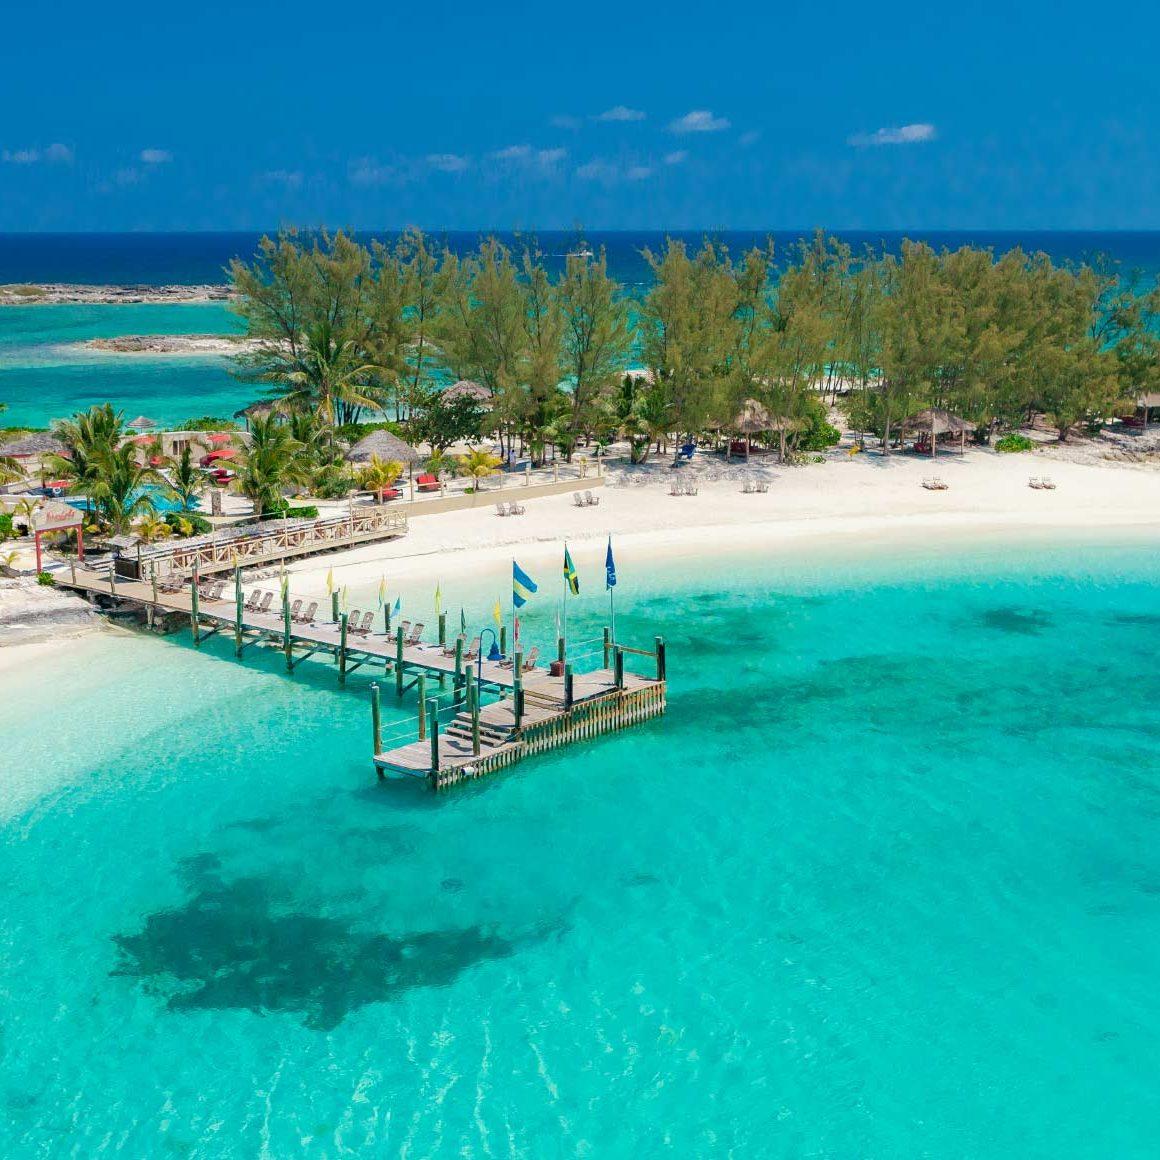 Sandals Royal Bahamian - Bahamas